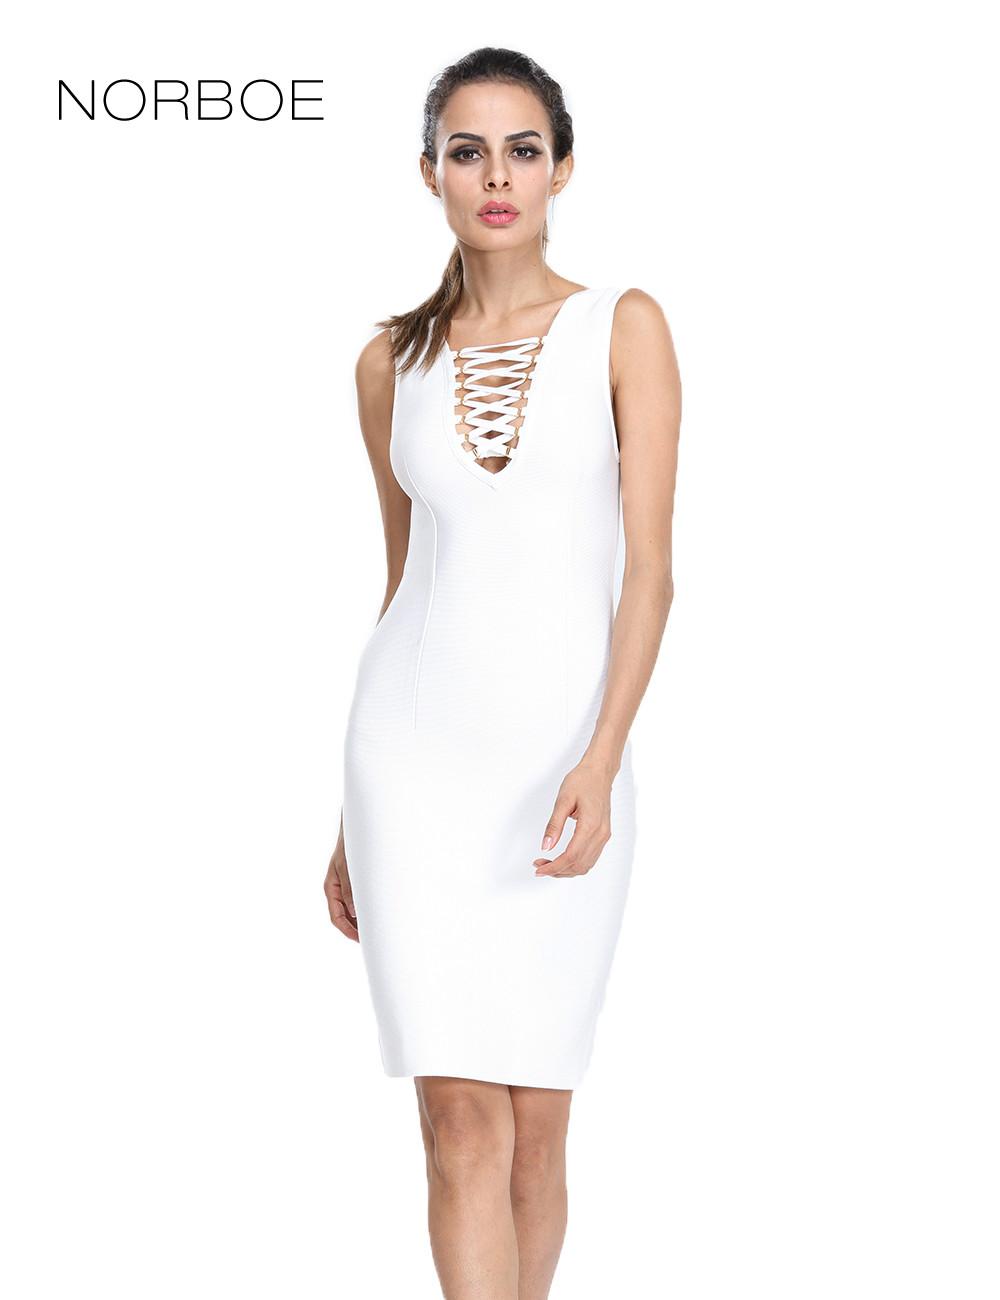 ... kleider aus China weiße phantasie kleider Großhändler Aliexpress